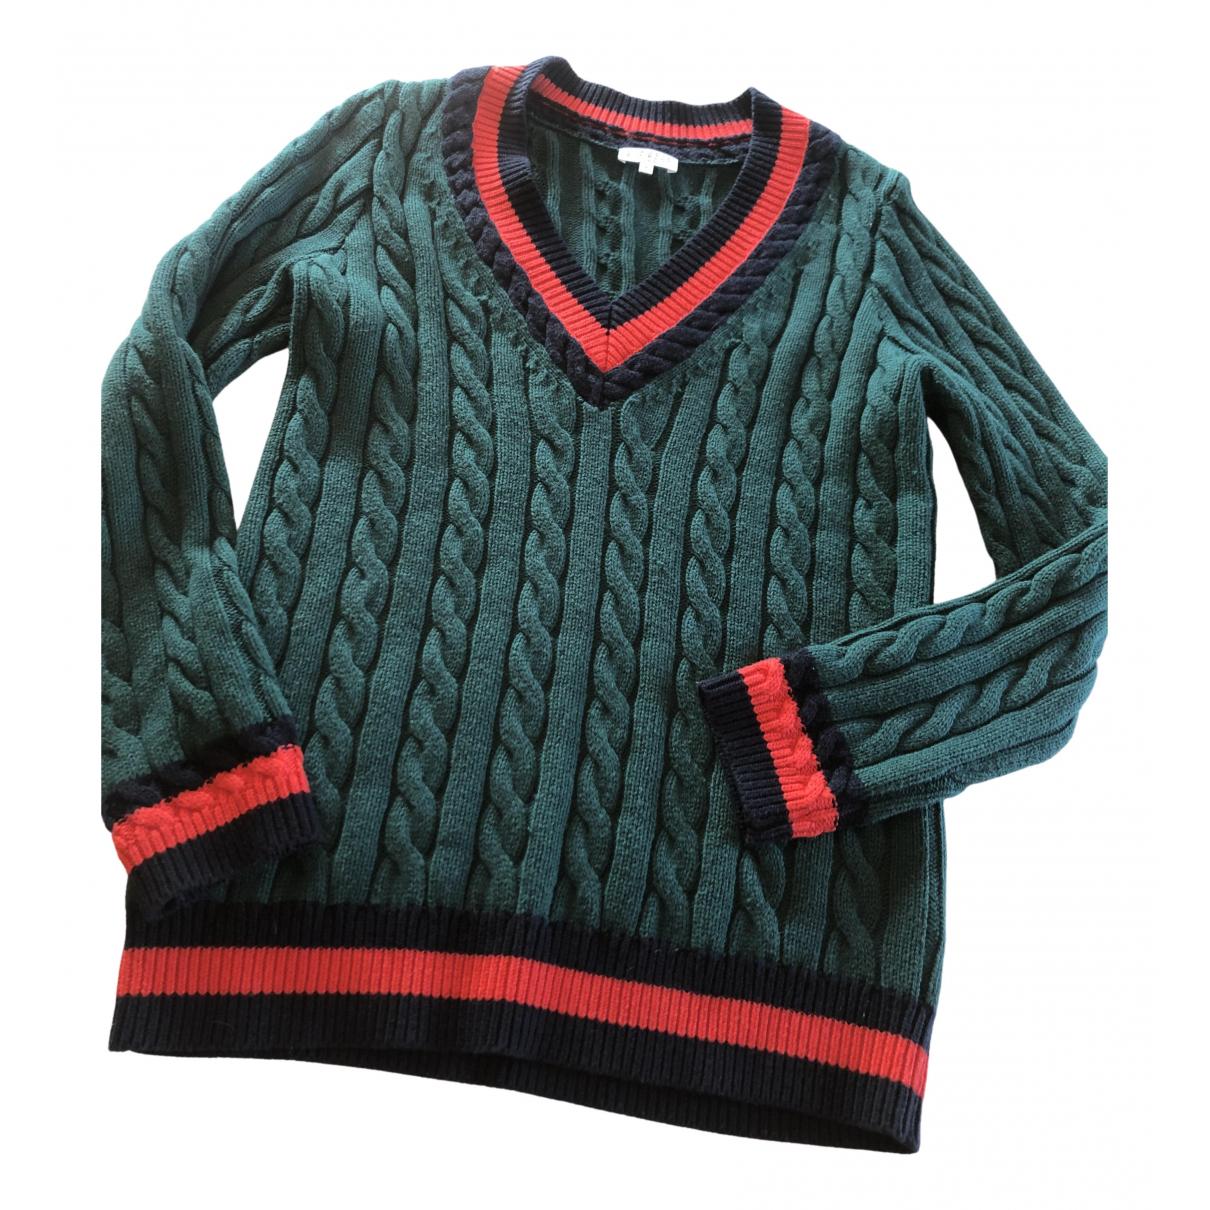 Claudie Pierlot - Pull Spring Summer 2019 pour femme en laine - vert